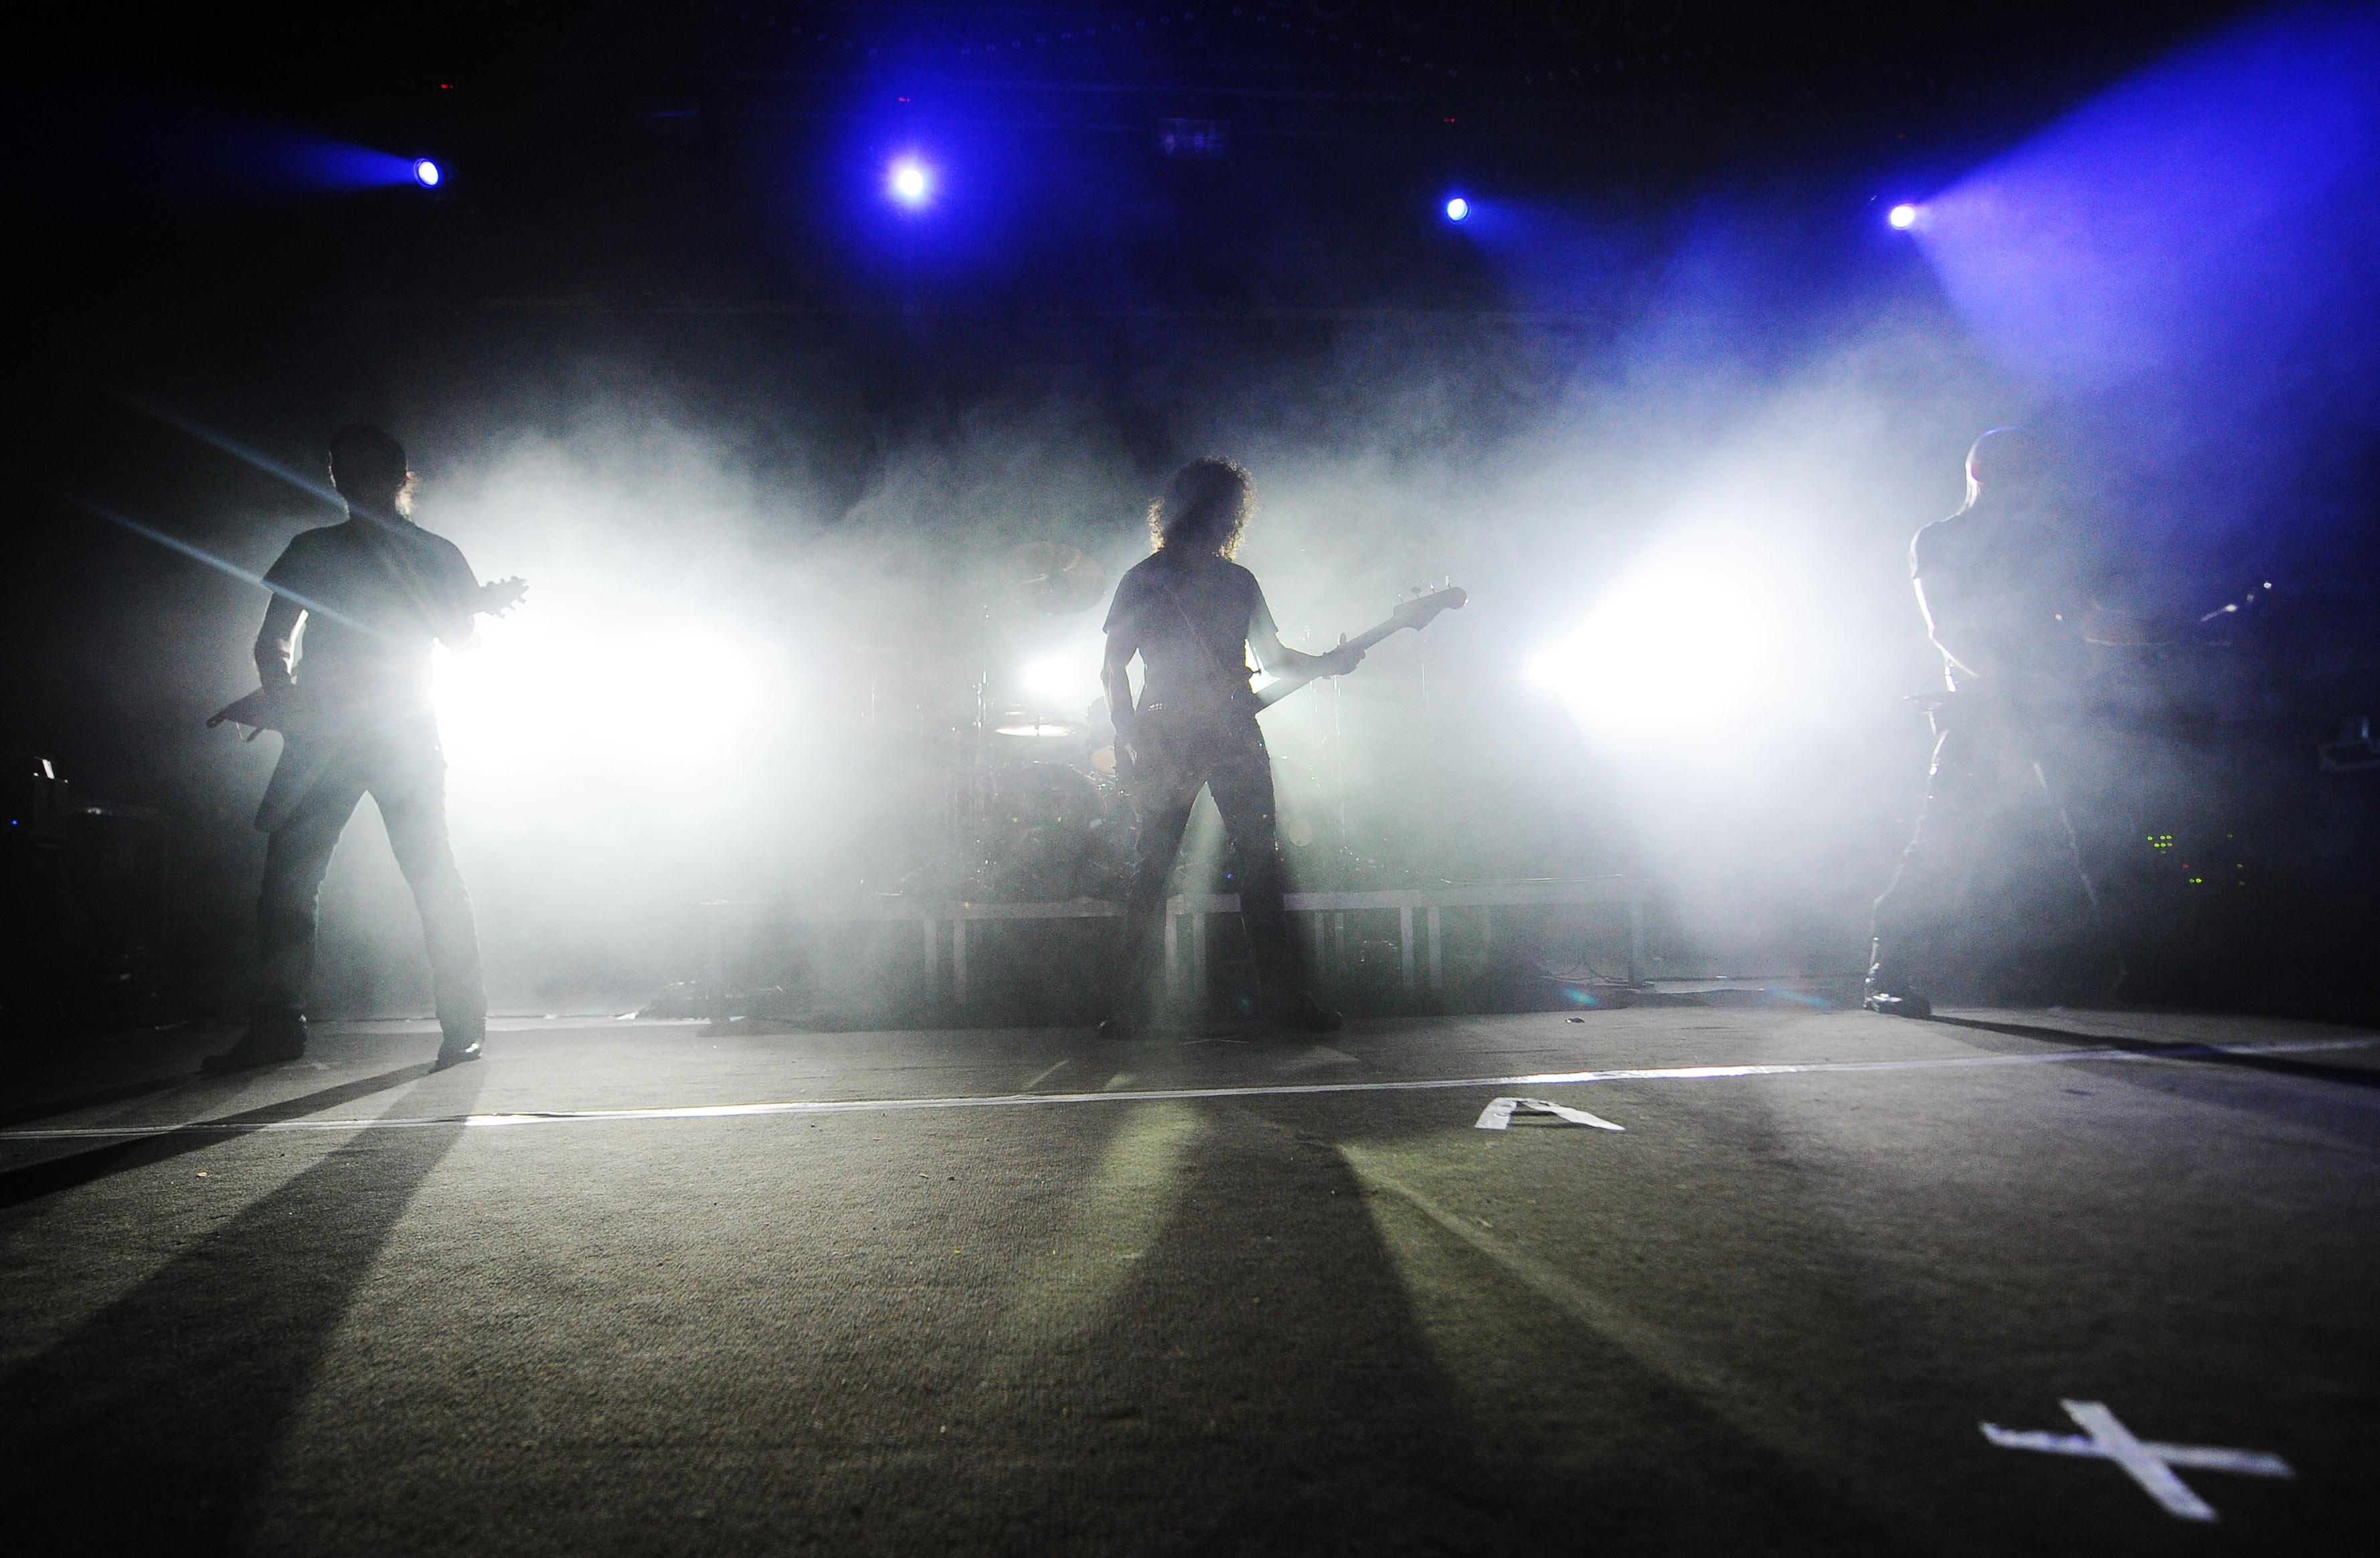 Скандинавы жгут! ВФинляндии прошел чемпионат повязанию под музыку хэви-метал